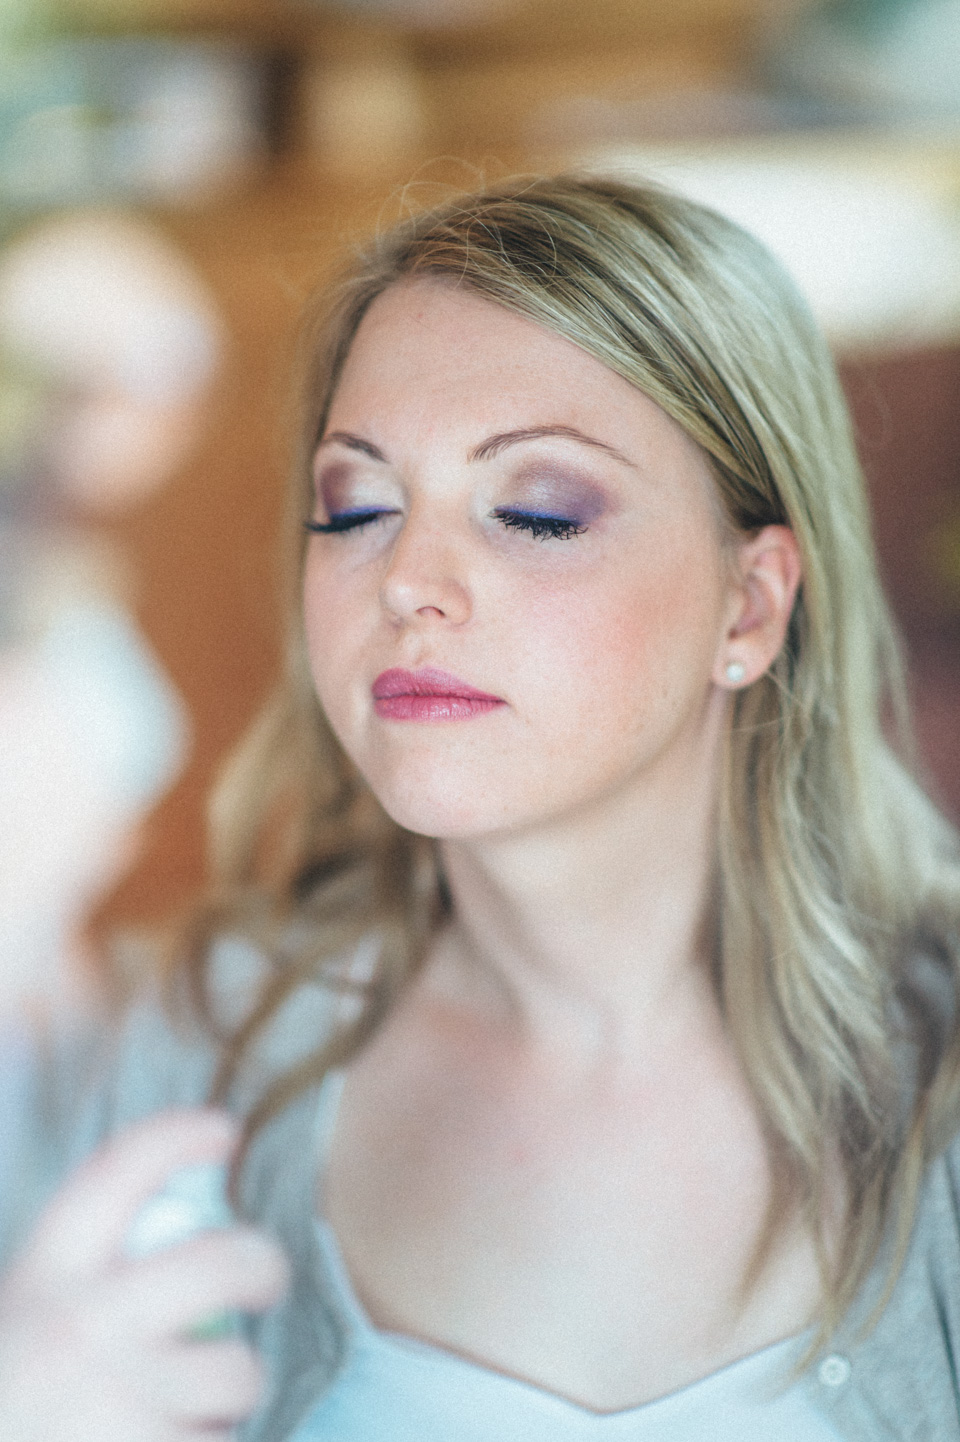 diy-wedding-bayern-25 Isabell & Tomaj Vintage DIY Hochzeit in Bayerndiy wedding bayern 25